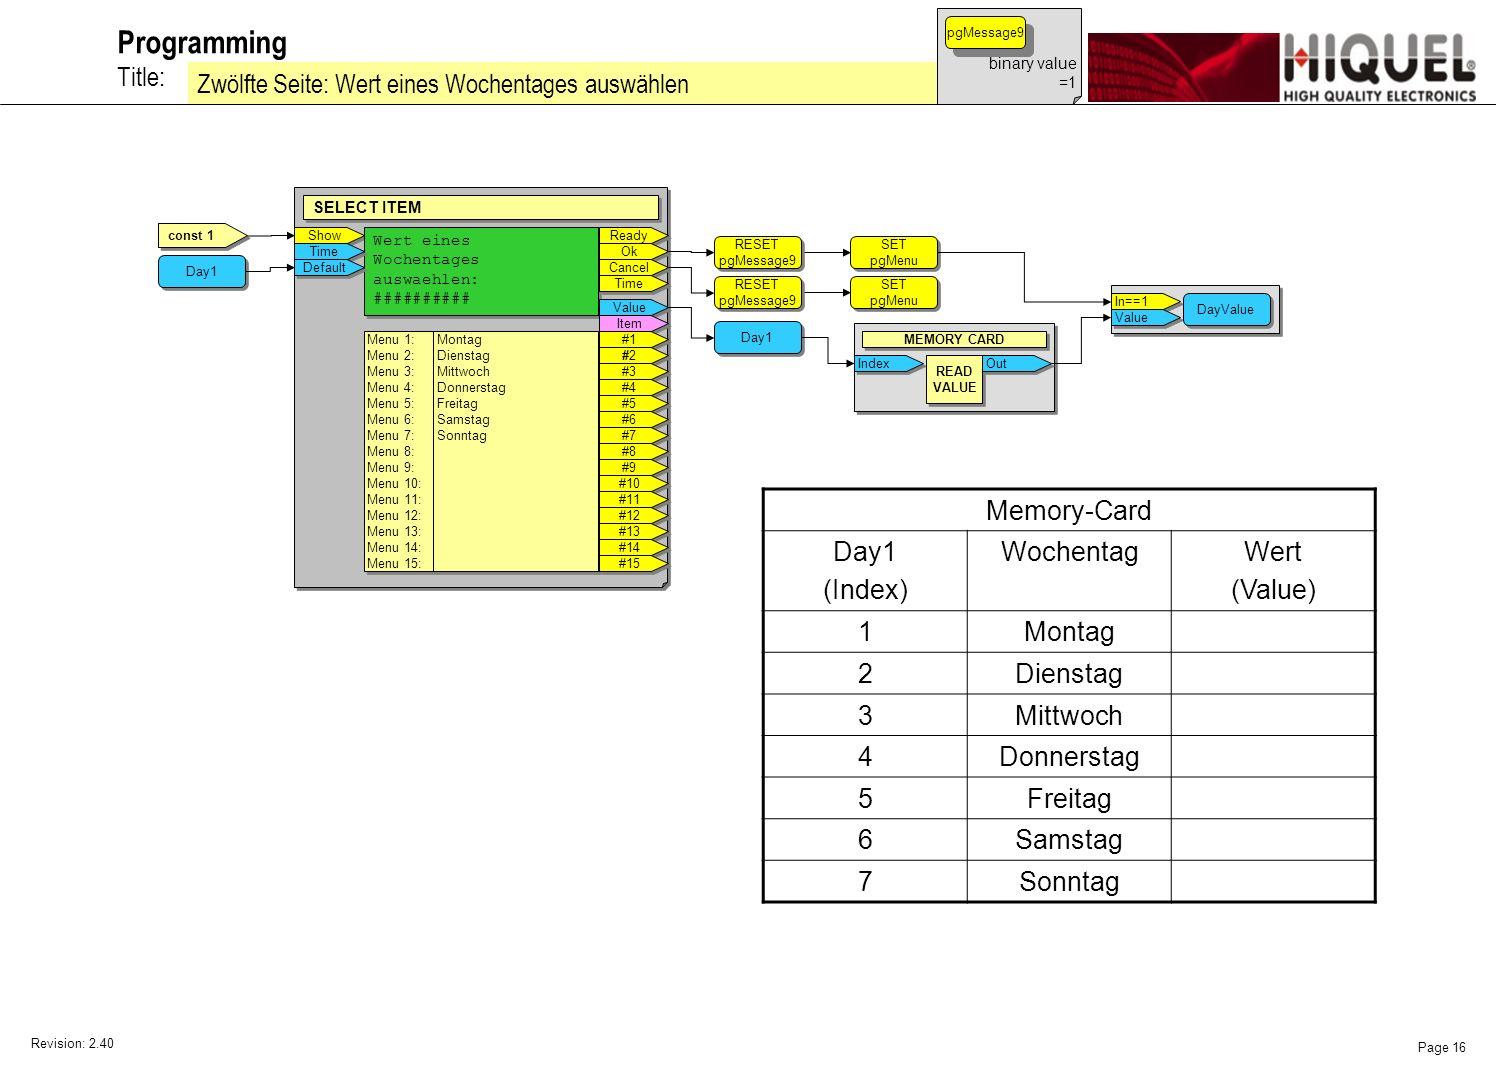 Revision: 2.40 Page 16 Title: Programming Zwölfte Seite: Wert eines Wochentages auswählen Show SELECT ITEM Wert eines Wochentages auswaehlen: ########